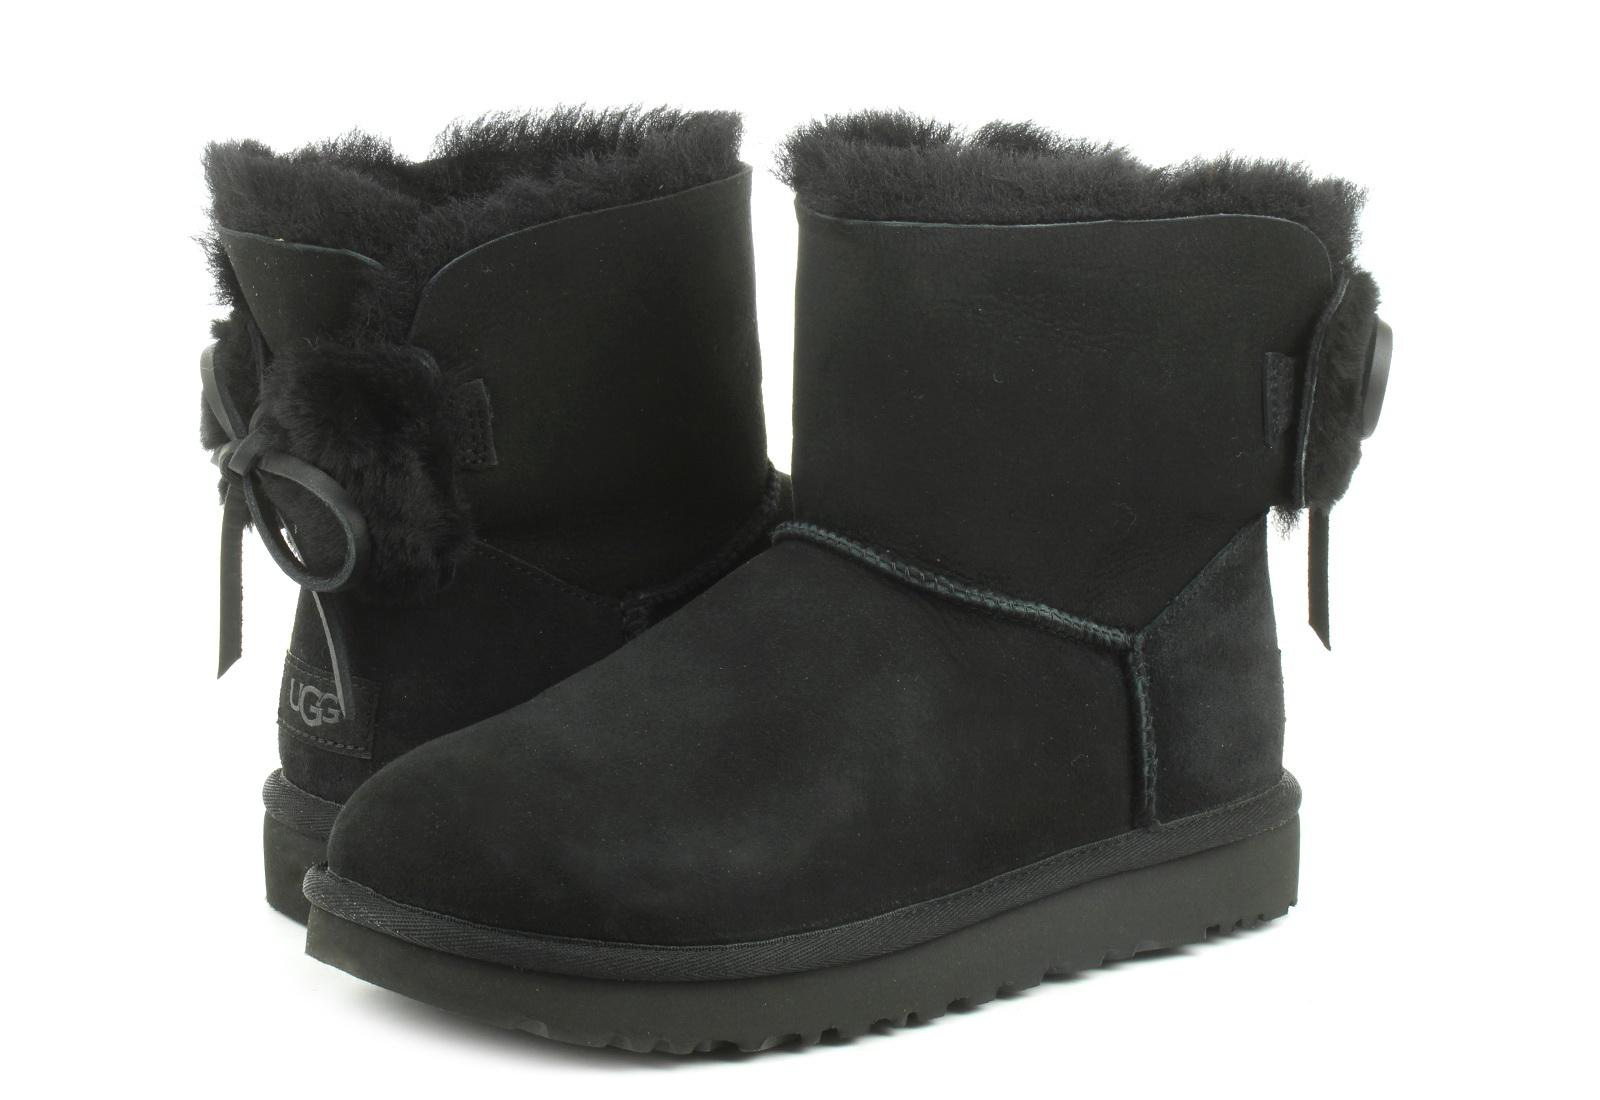 ugg boots materials